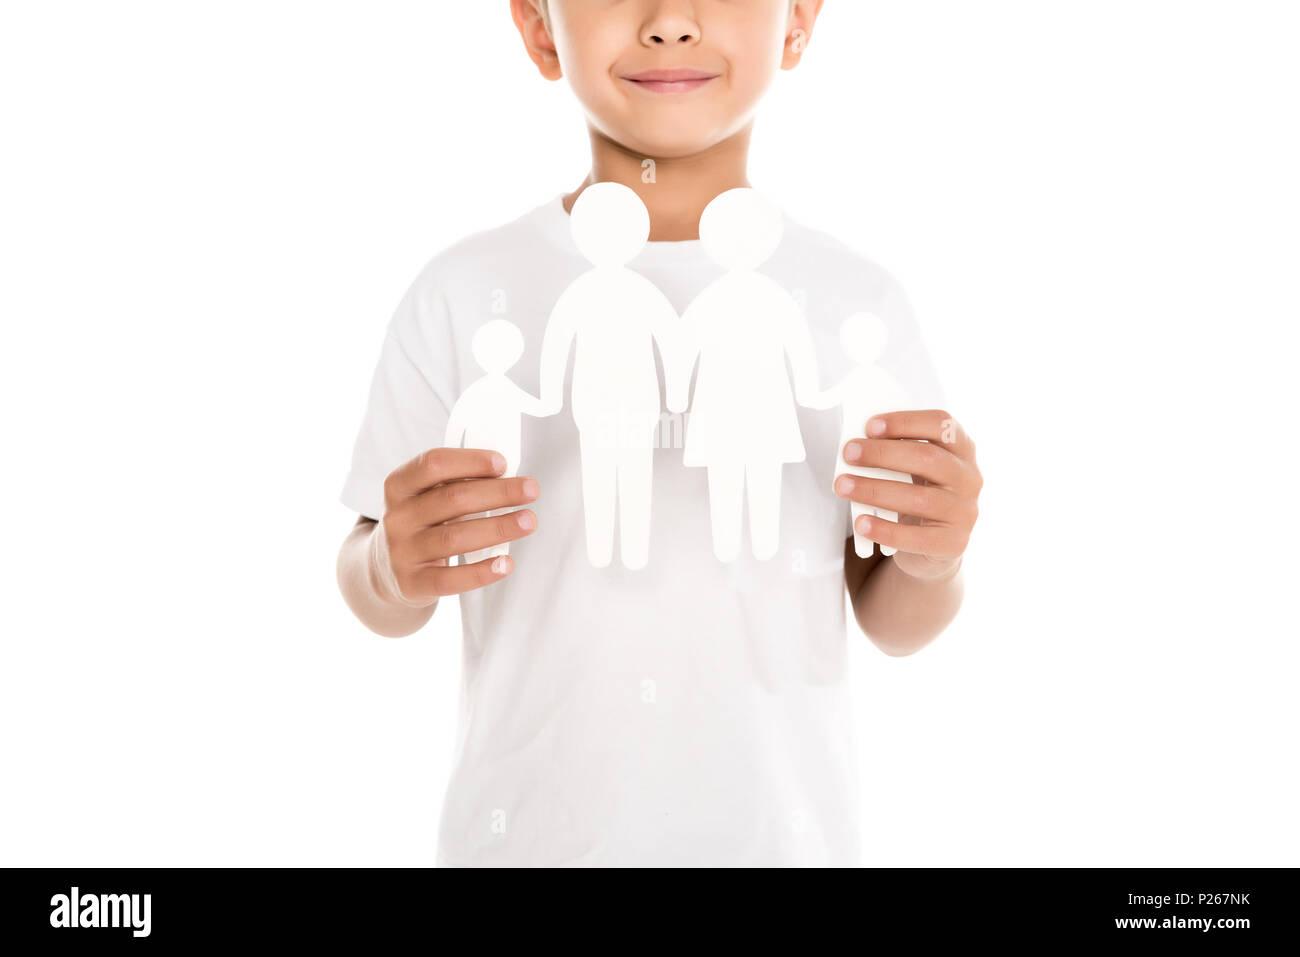 7/8 Schuß von lächelnden Jungen mit Familie Papier Modell isoliert auf weiss Stockbild